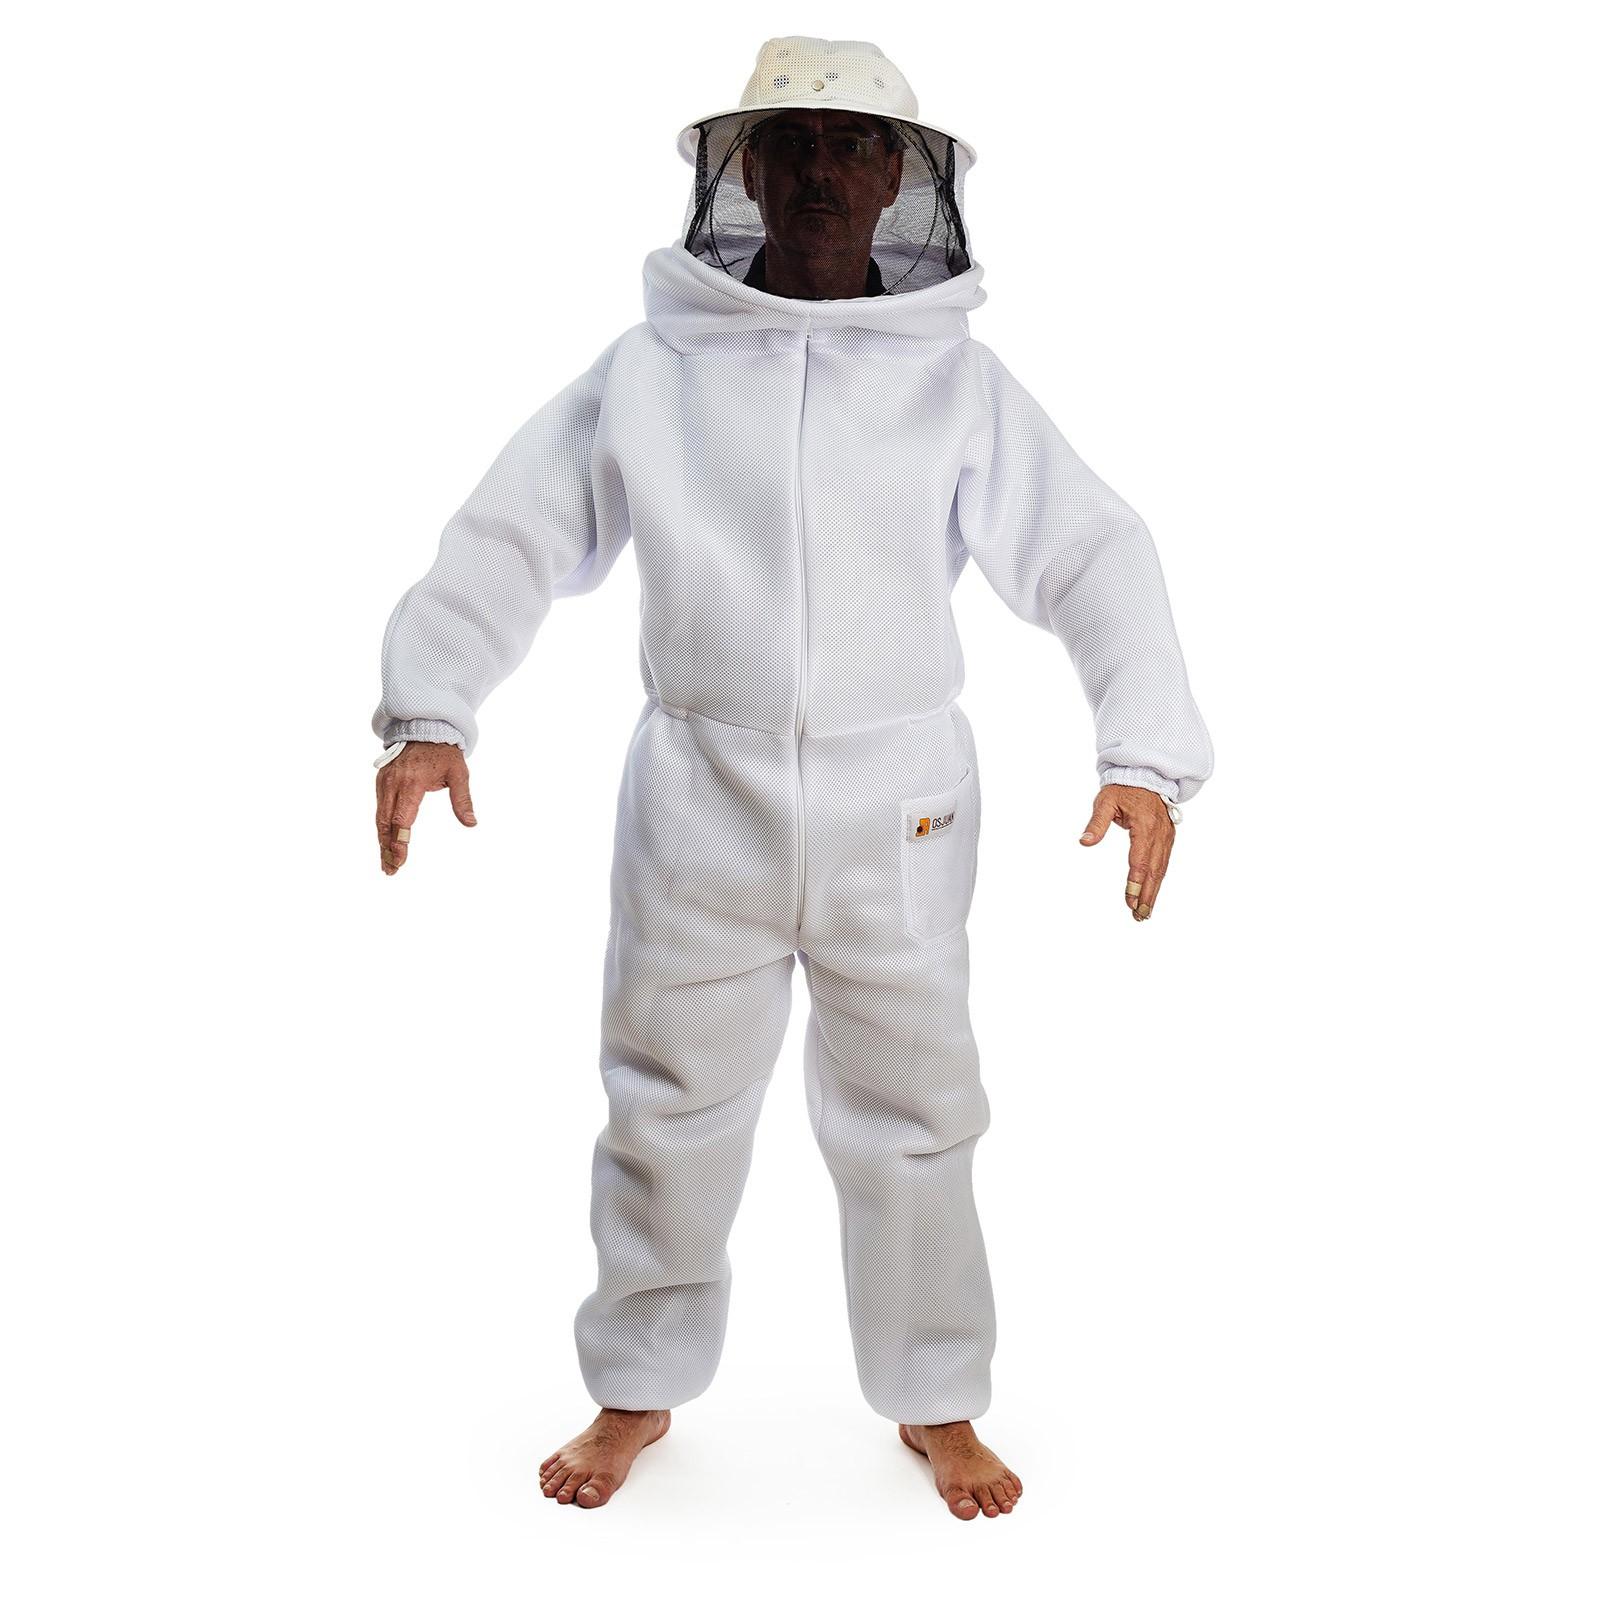 Macacão para apicultura em malha livre branco com máscara destacável e tela preta